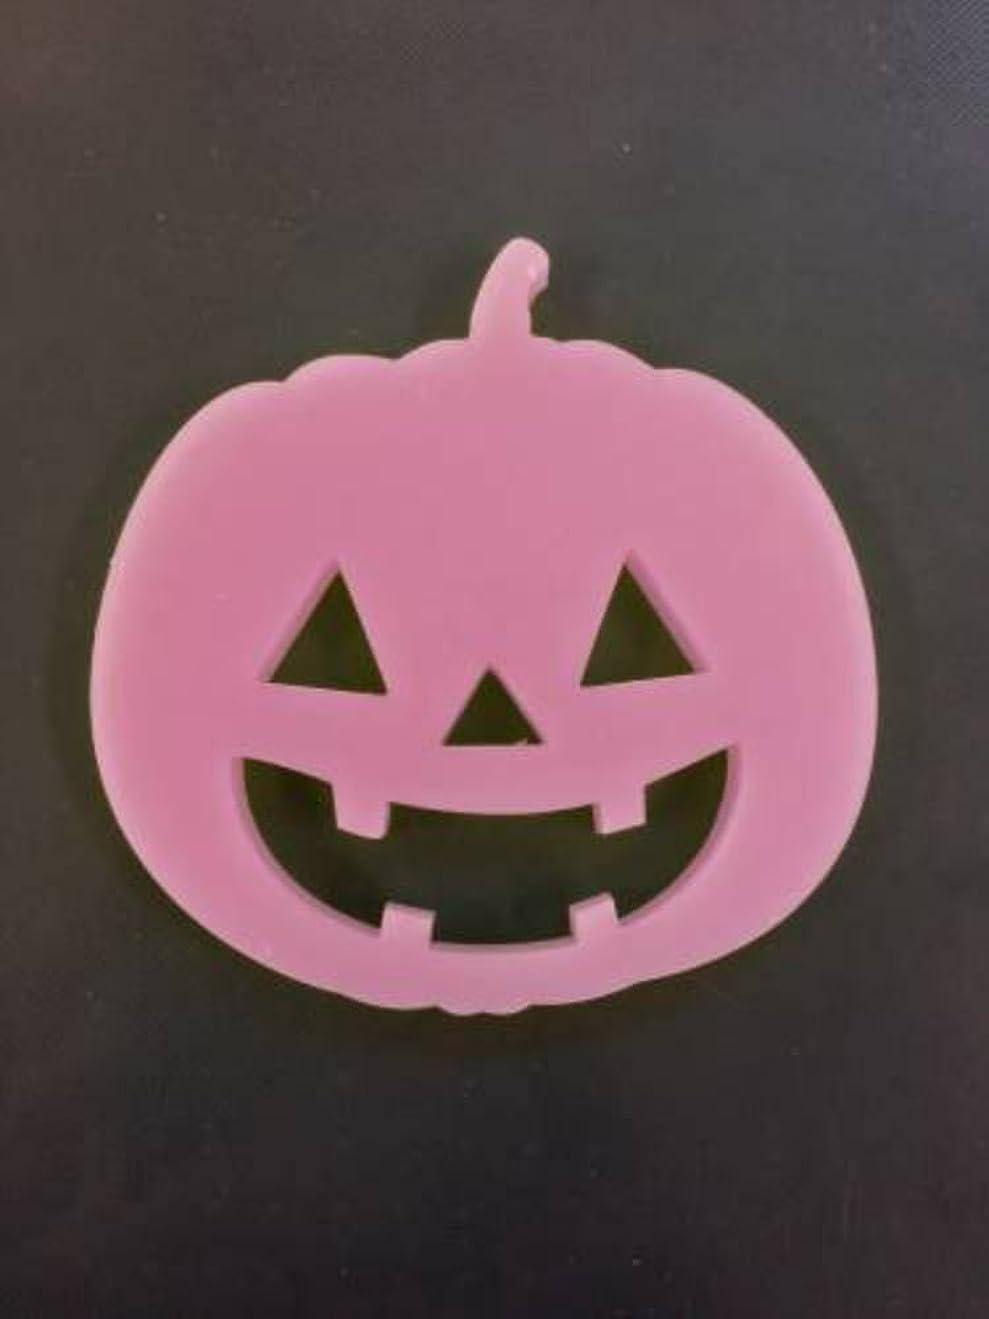 アミューズ六分儀警告するGRASSE TOKYO AROMATICWAXチャーム「ハロウィンかぼちゃ」(PI) ゼラニウム アロマティックワックス グラーストウキョウ